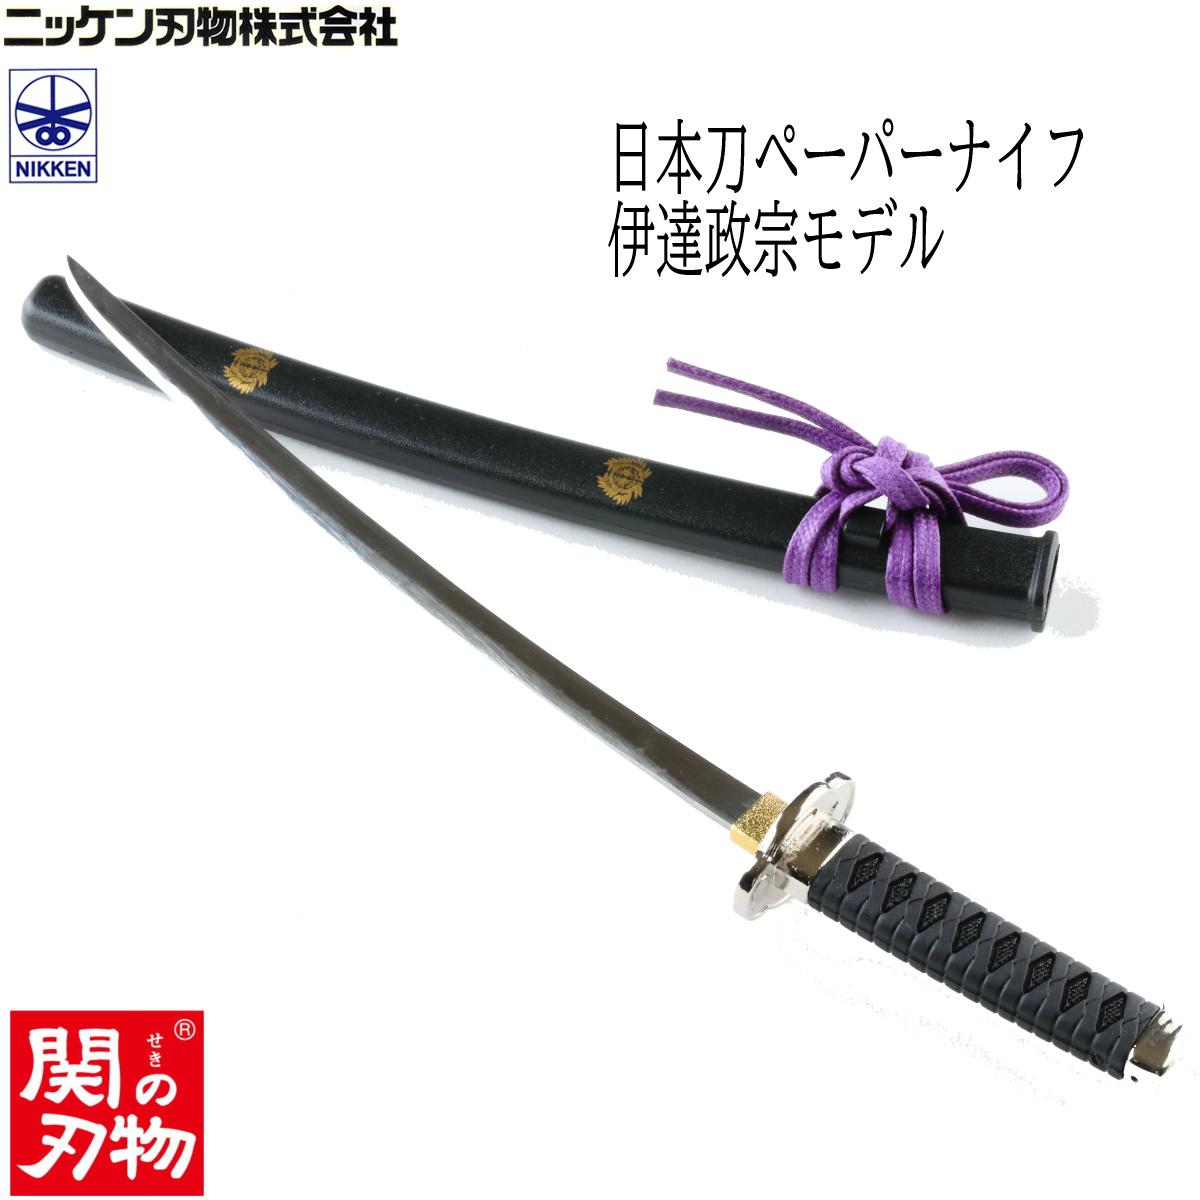 日本刀の名刀を再現したペーパーナイフ ニッケン刃物 日本刀ペーパーナイフ KT-22D 伊達政宗モデル 刀 ペーパーナイフ 関の刃物 日本製